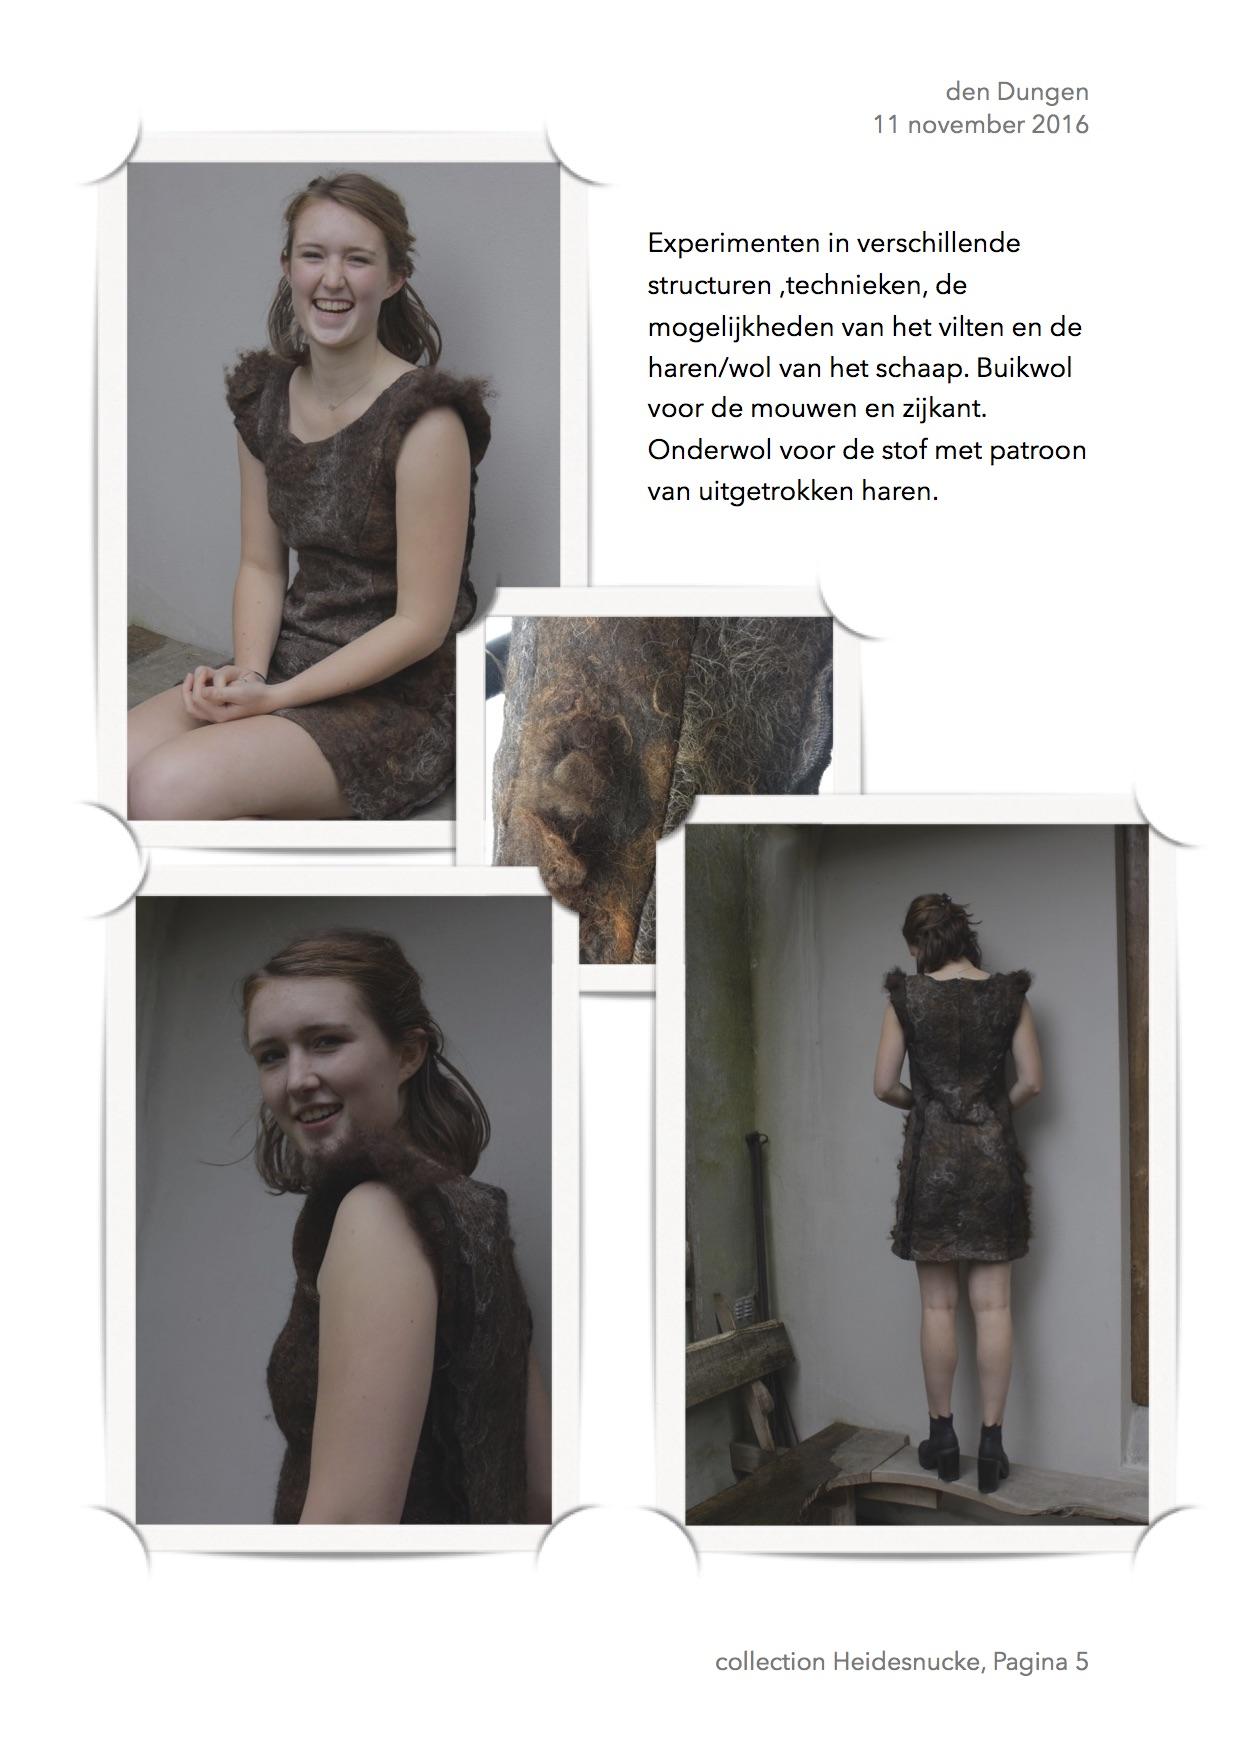 1e europeese kleding van 100% Heidesnucke een sociaal kunstwerk door Lidwina Charpentier